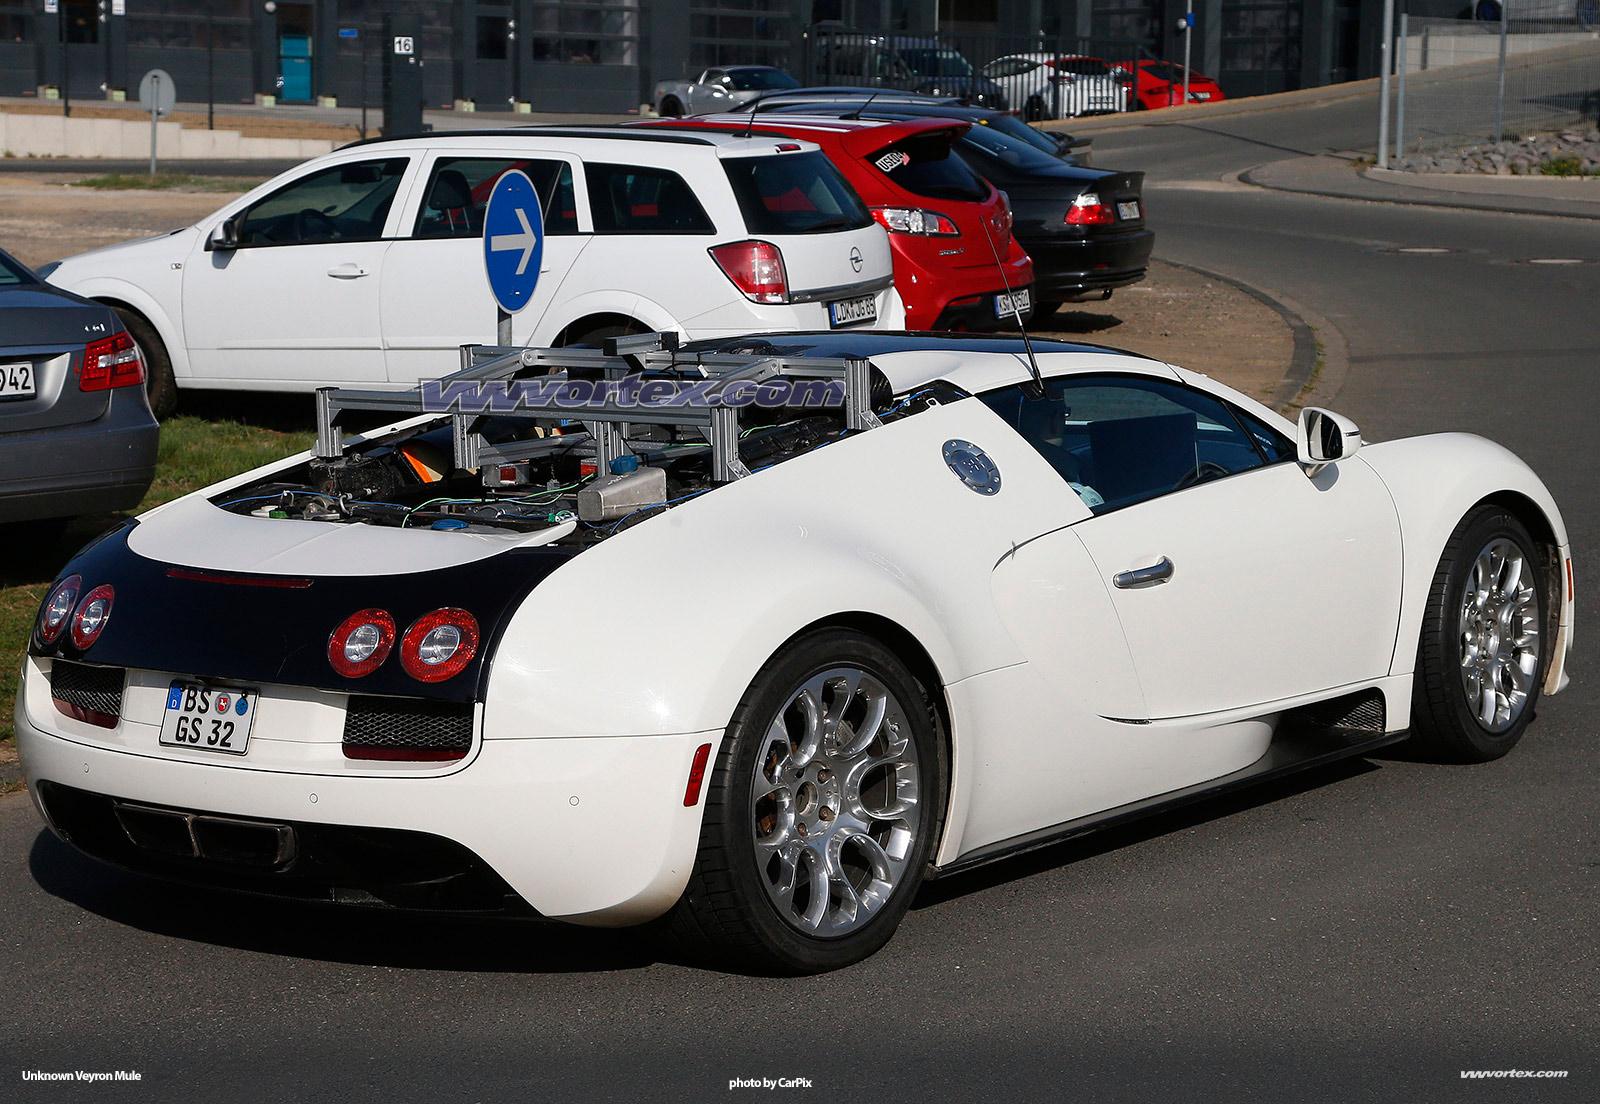 bugatti-veyron-mules-369